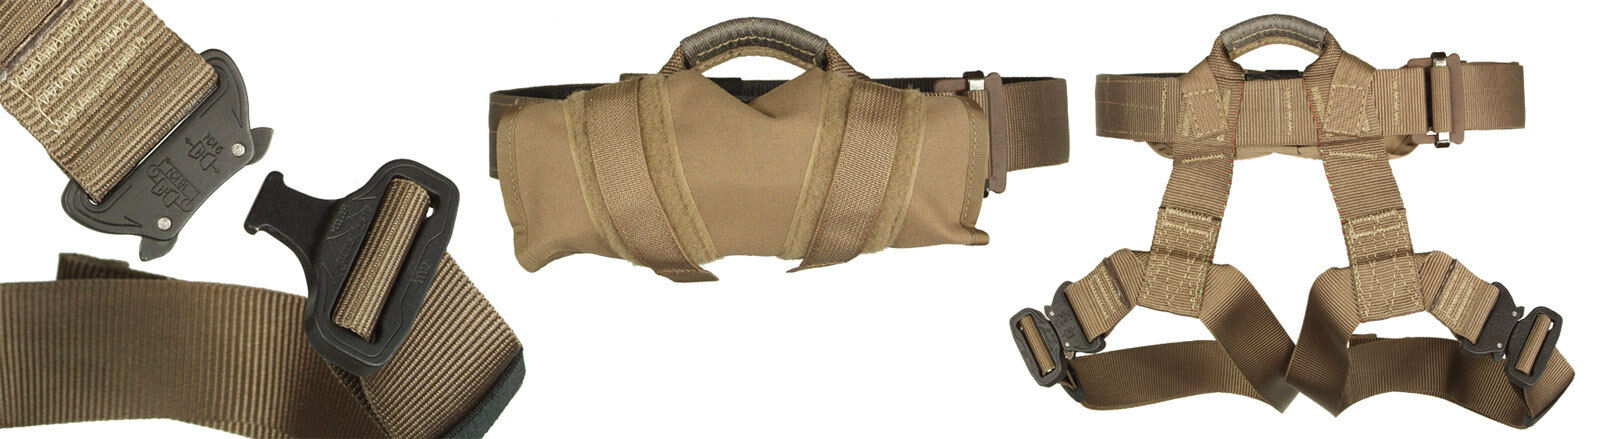 Yates Tactical Rappel Belt - 304 (Medium Size)